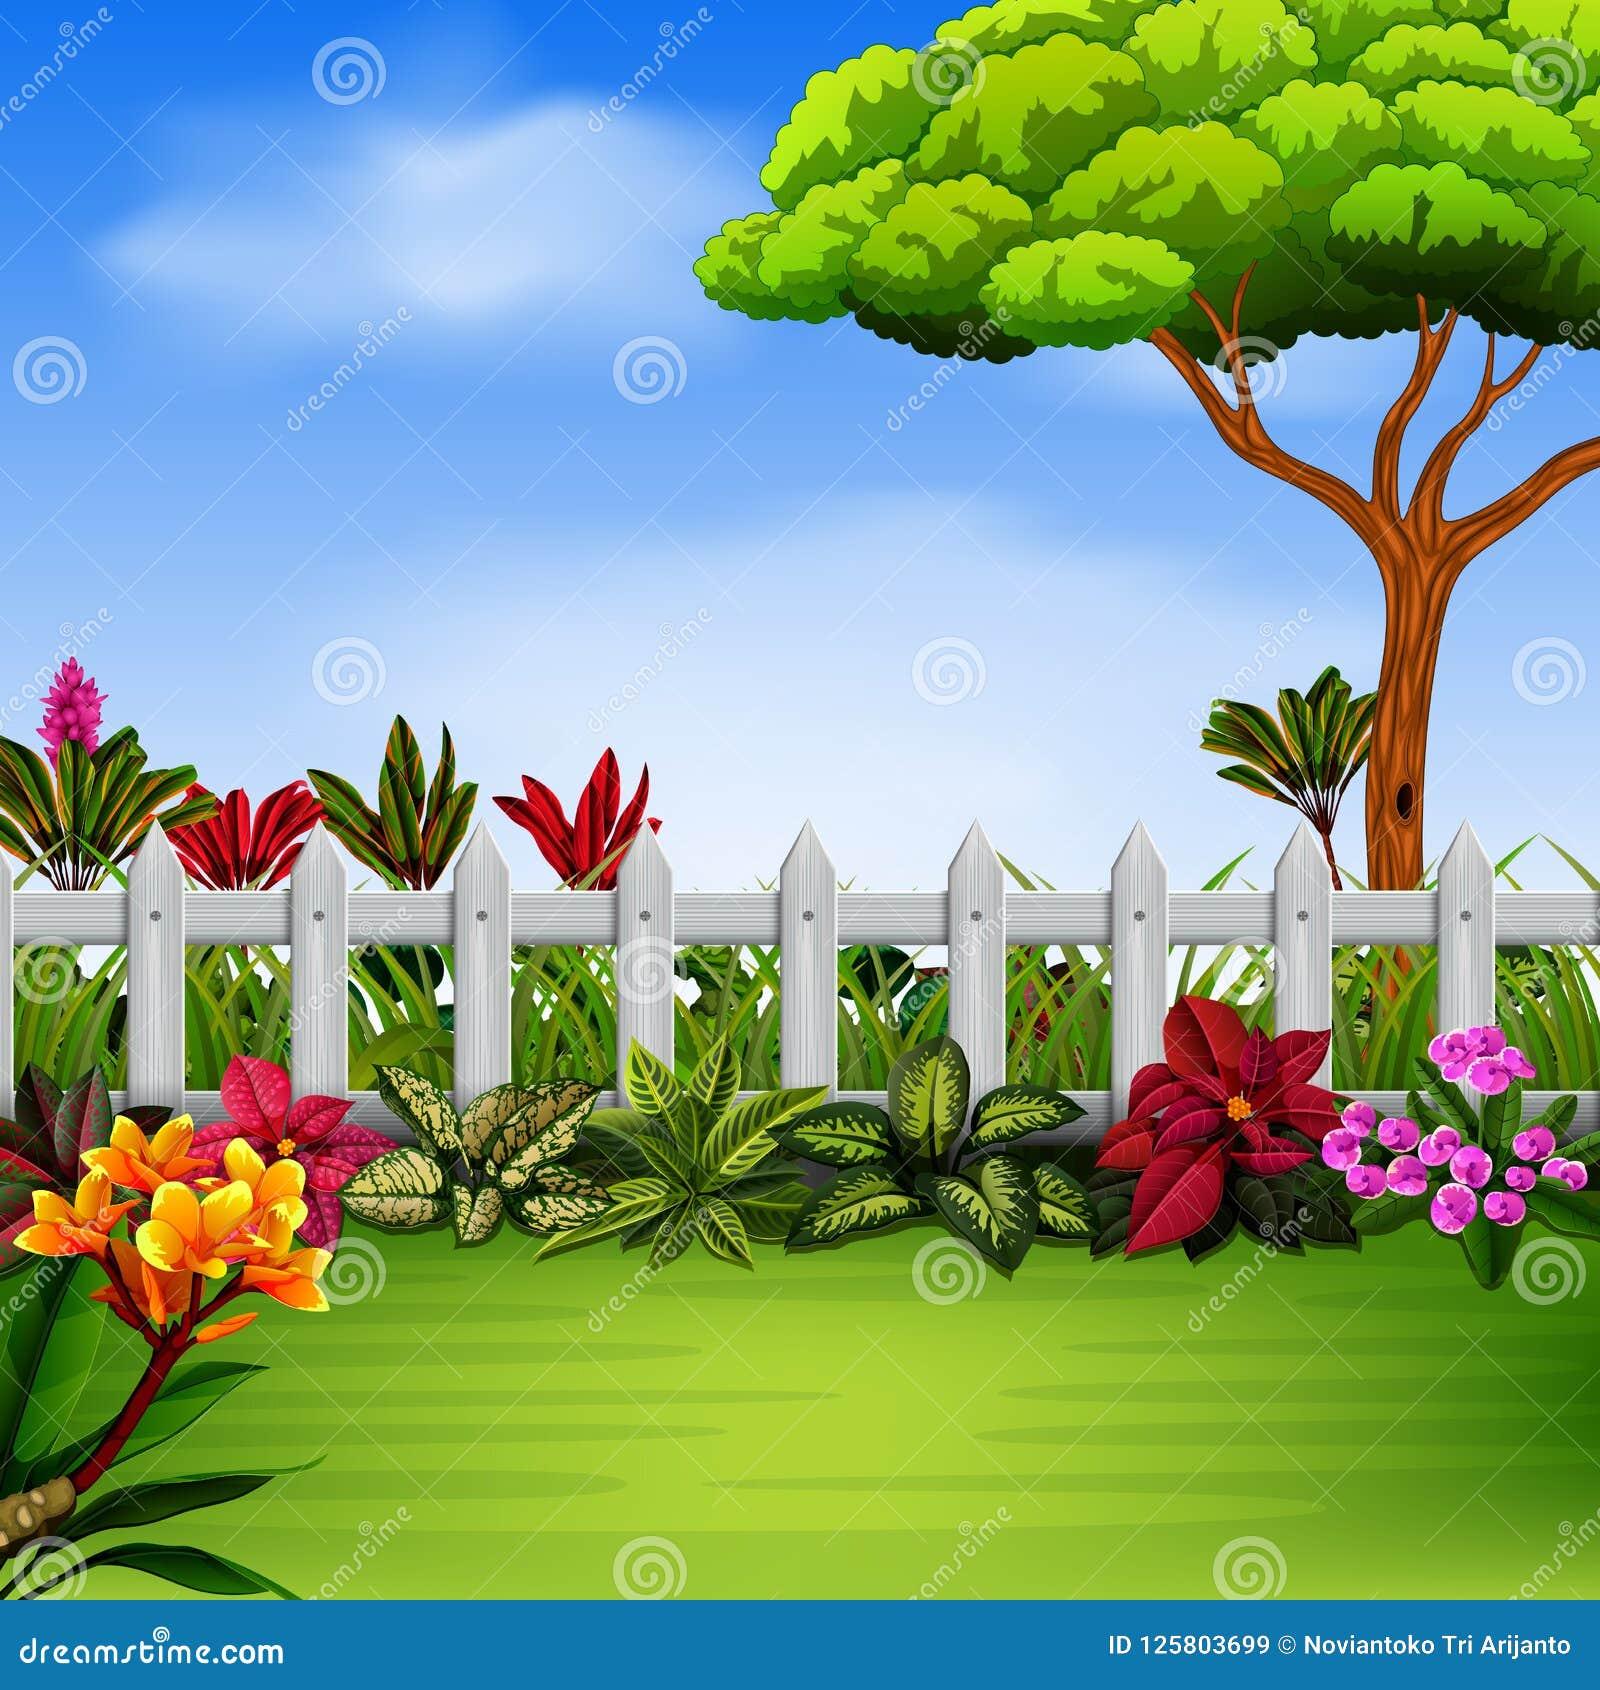 Der Schöne Garten Mit Dem Fance Und Den Blumen Vektor Abbildung